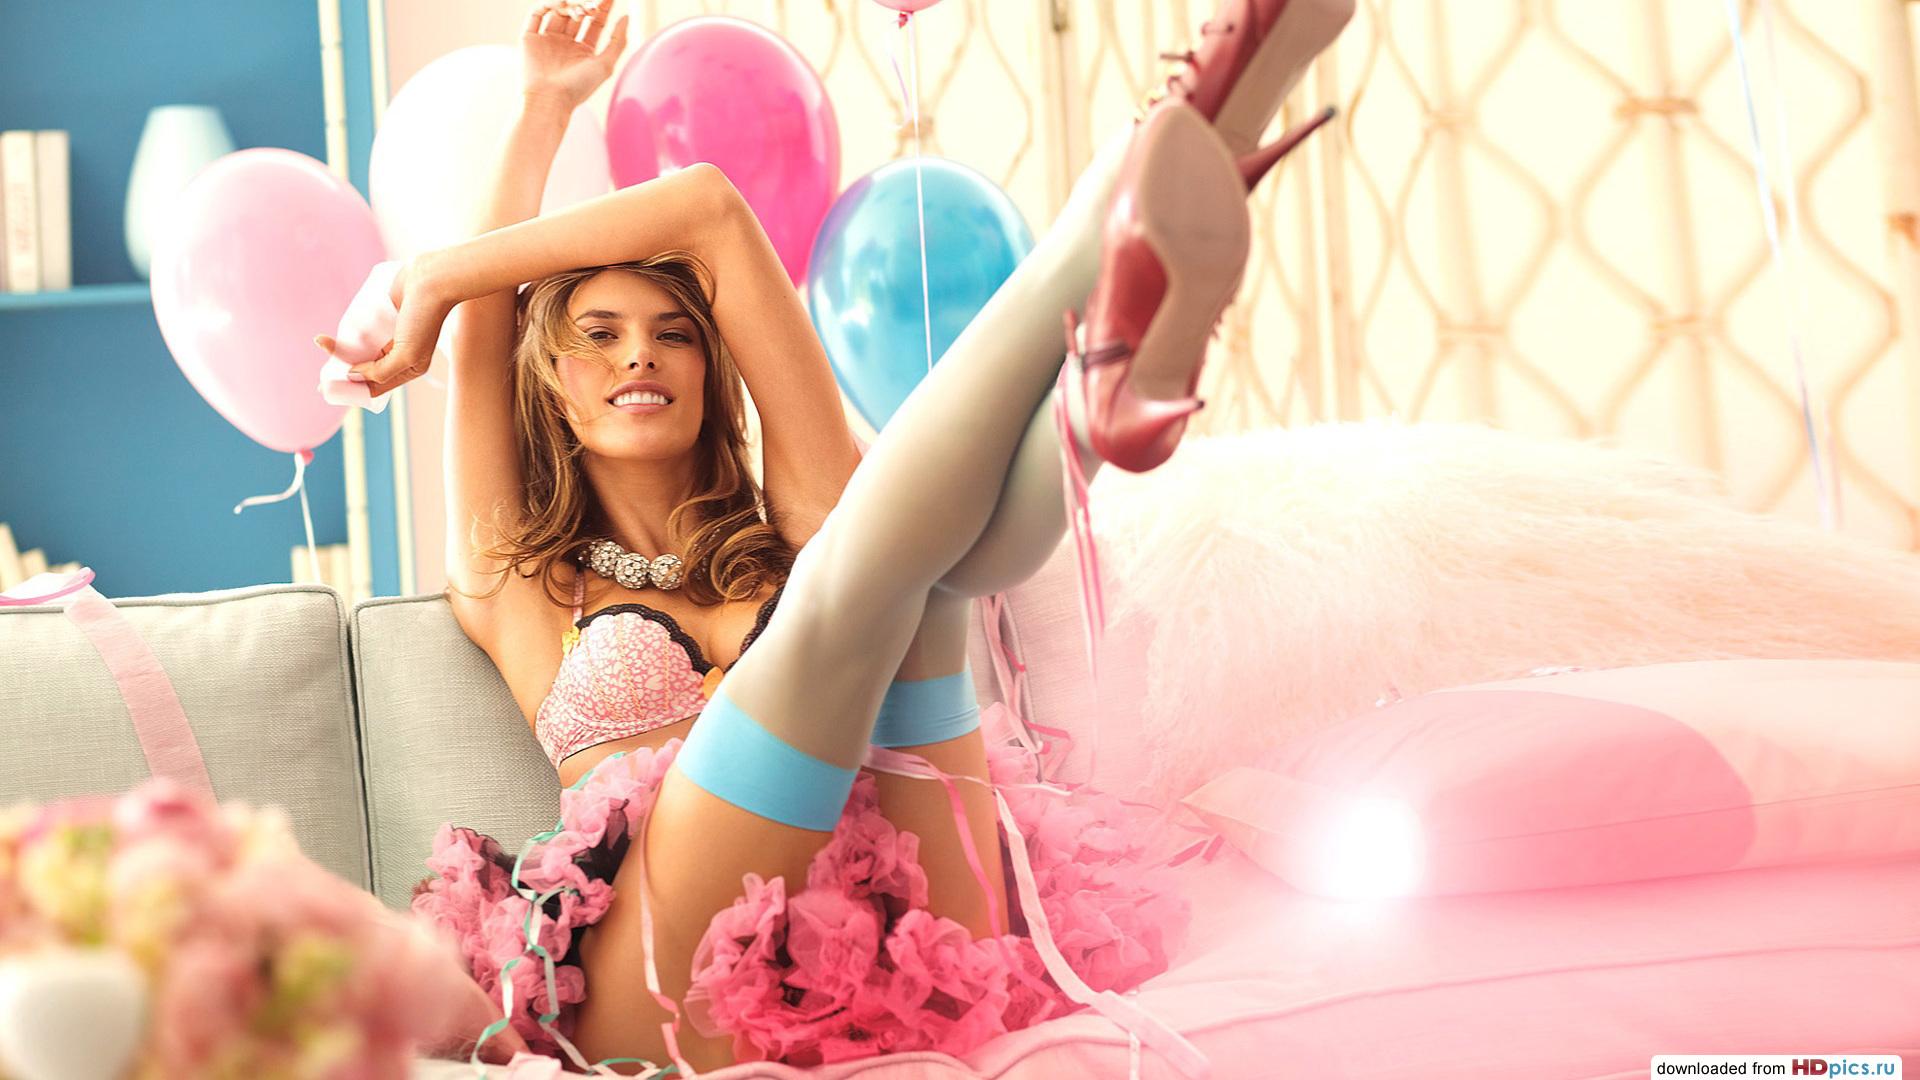 Фото девушки и шарики 21 фотография